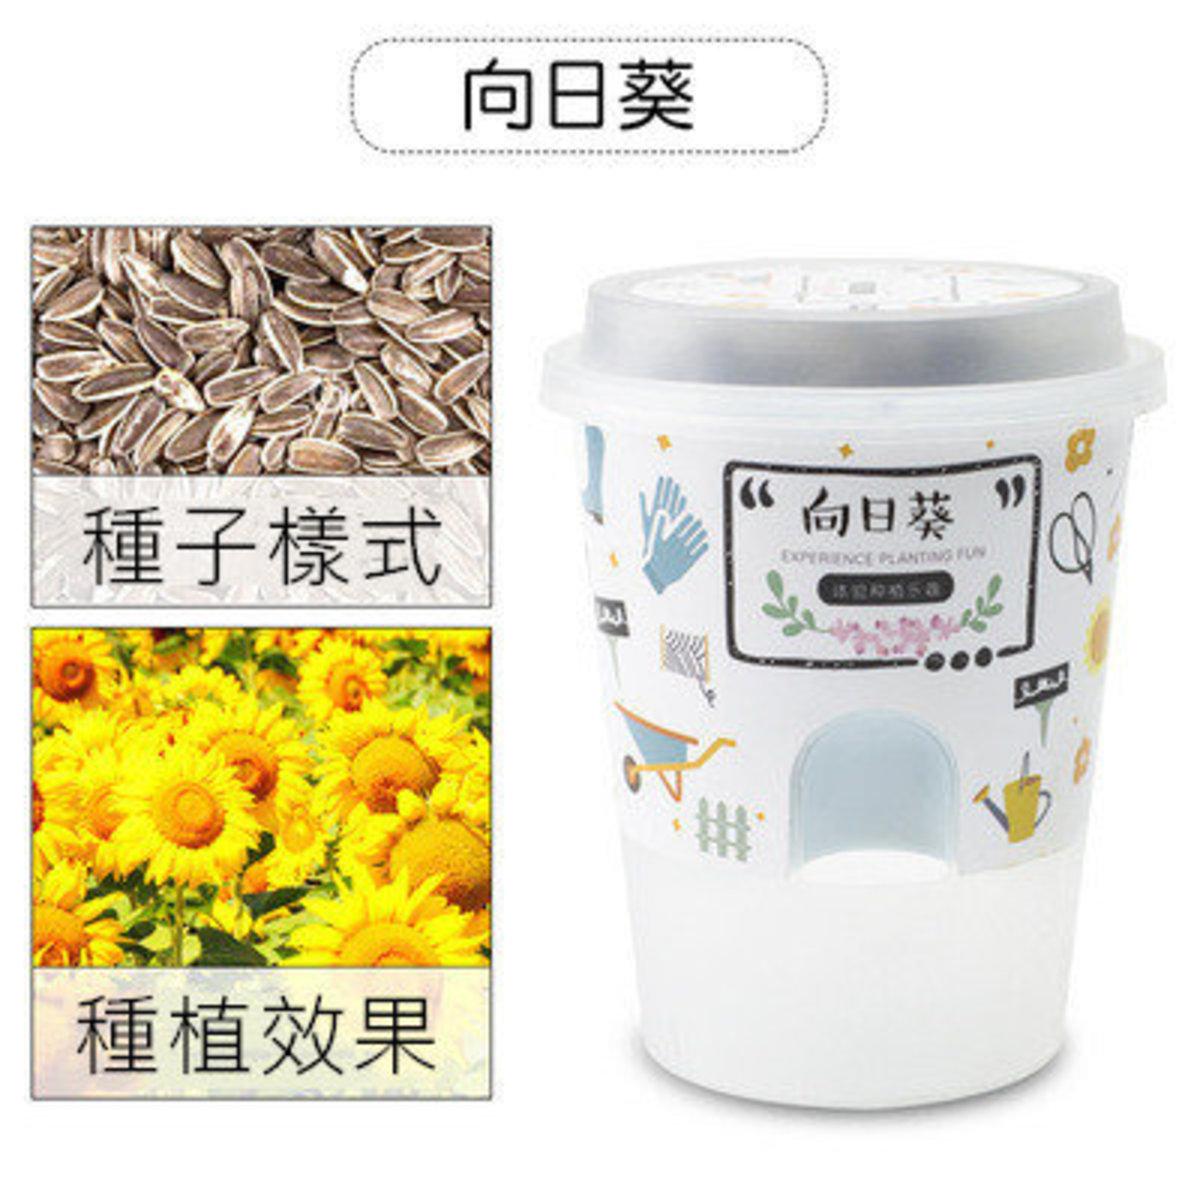 種植小盆栽 - 向日葵